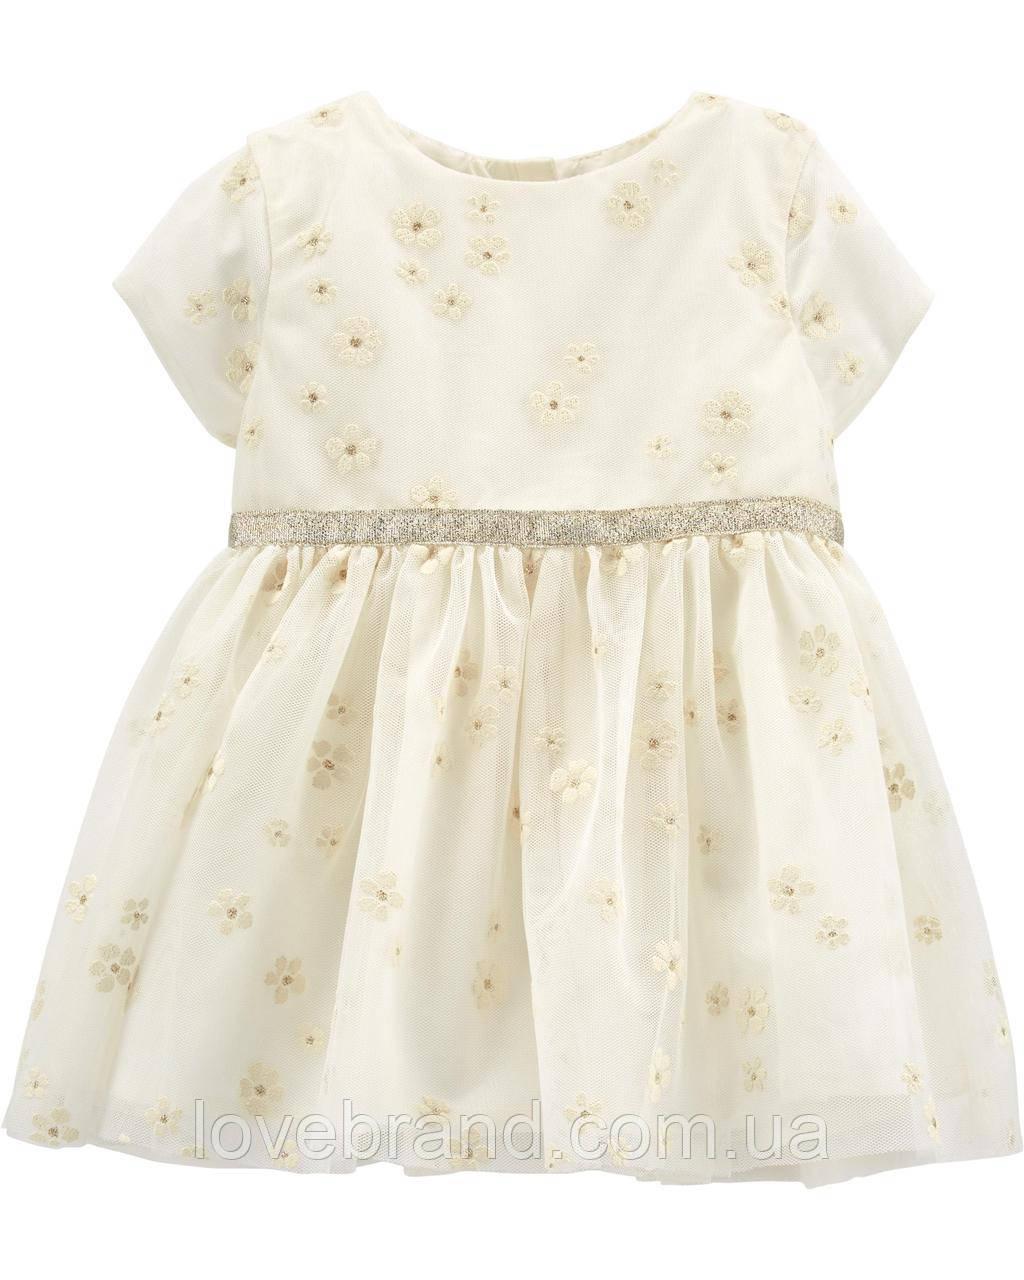 Нарядное платье для девочки OshKosh масляное, платице для новорожденных айвори